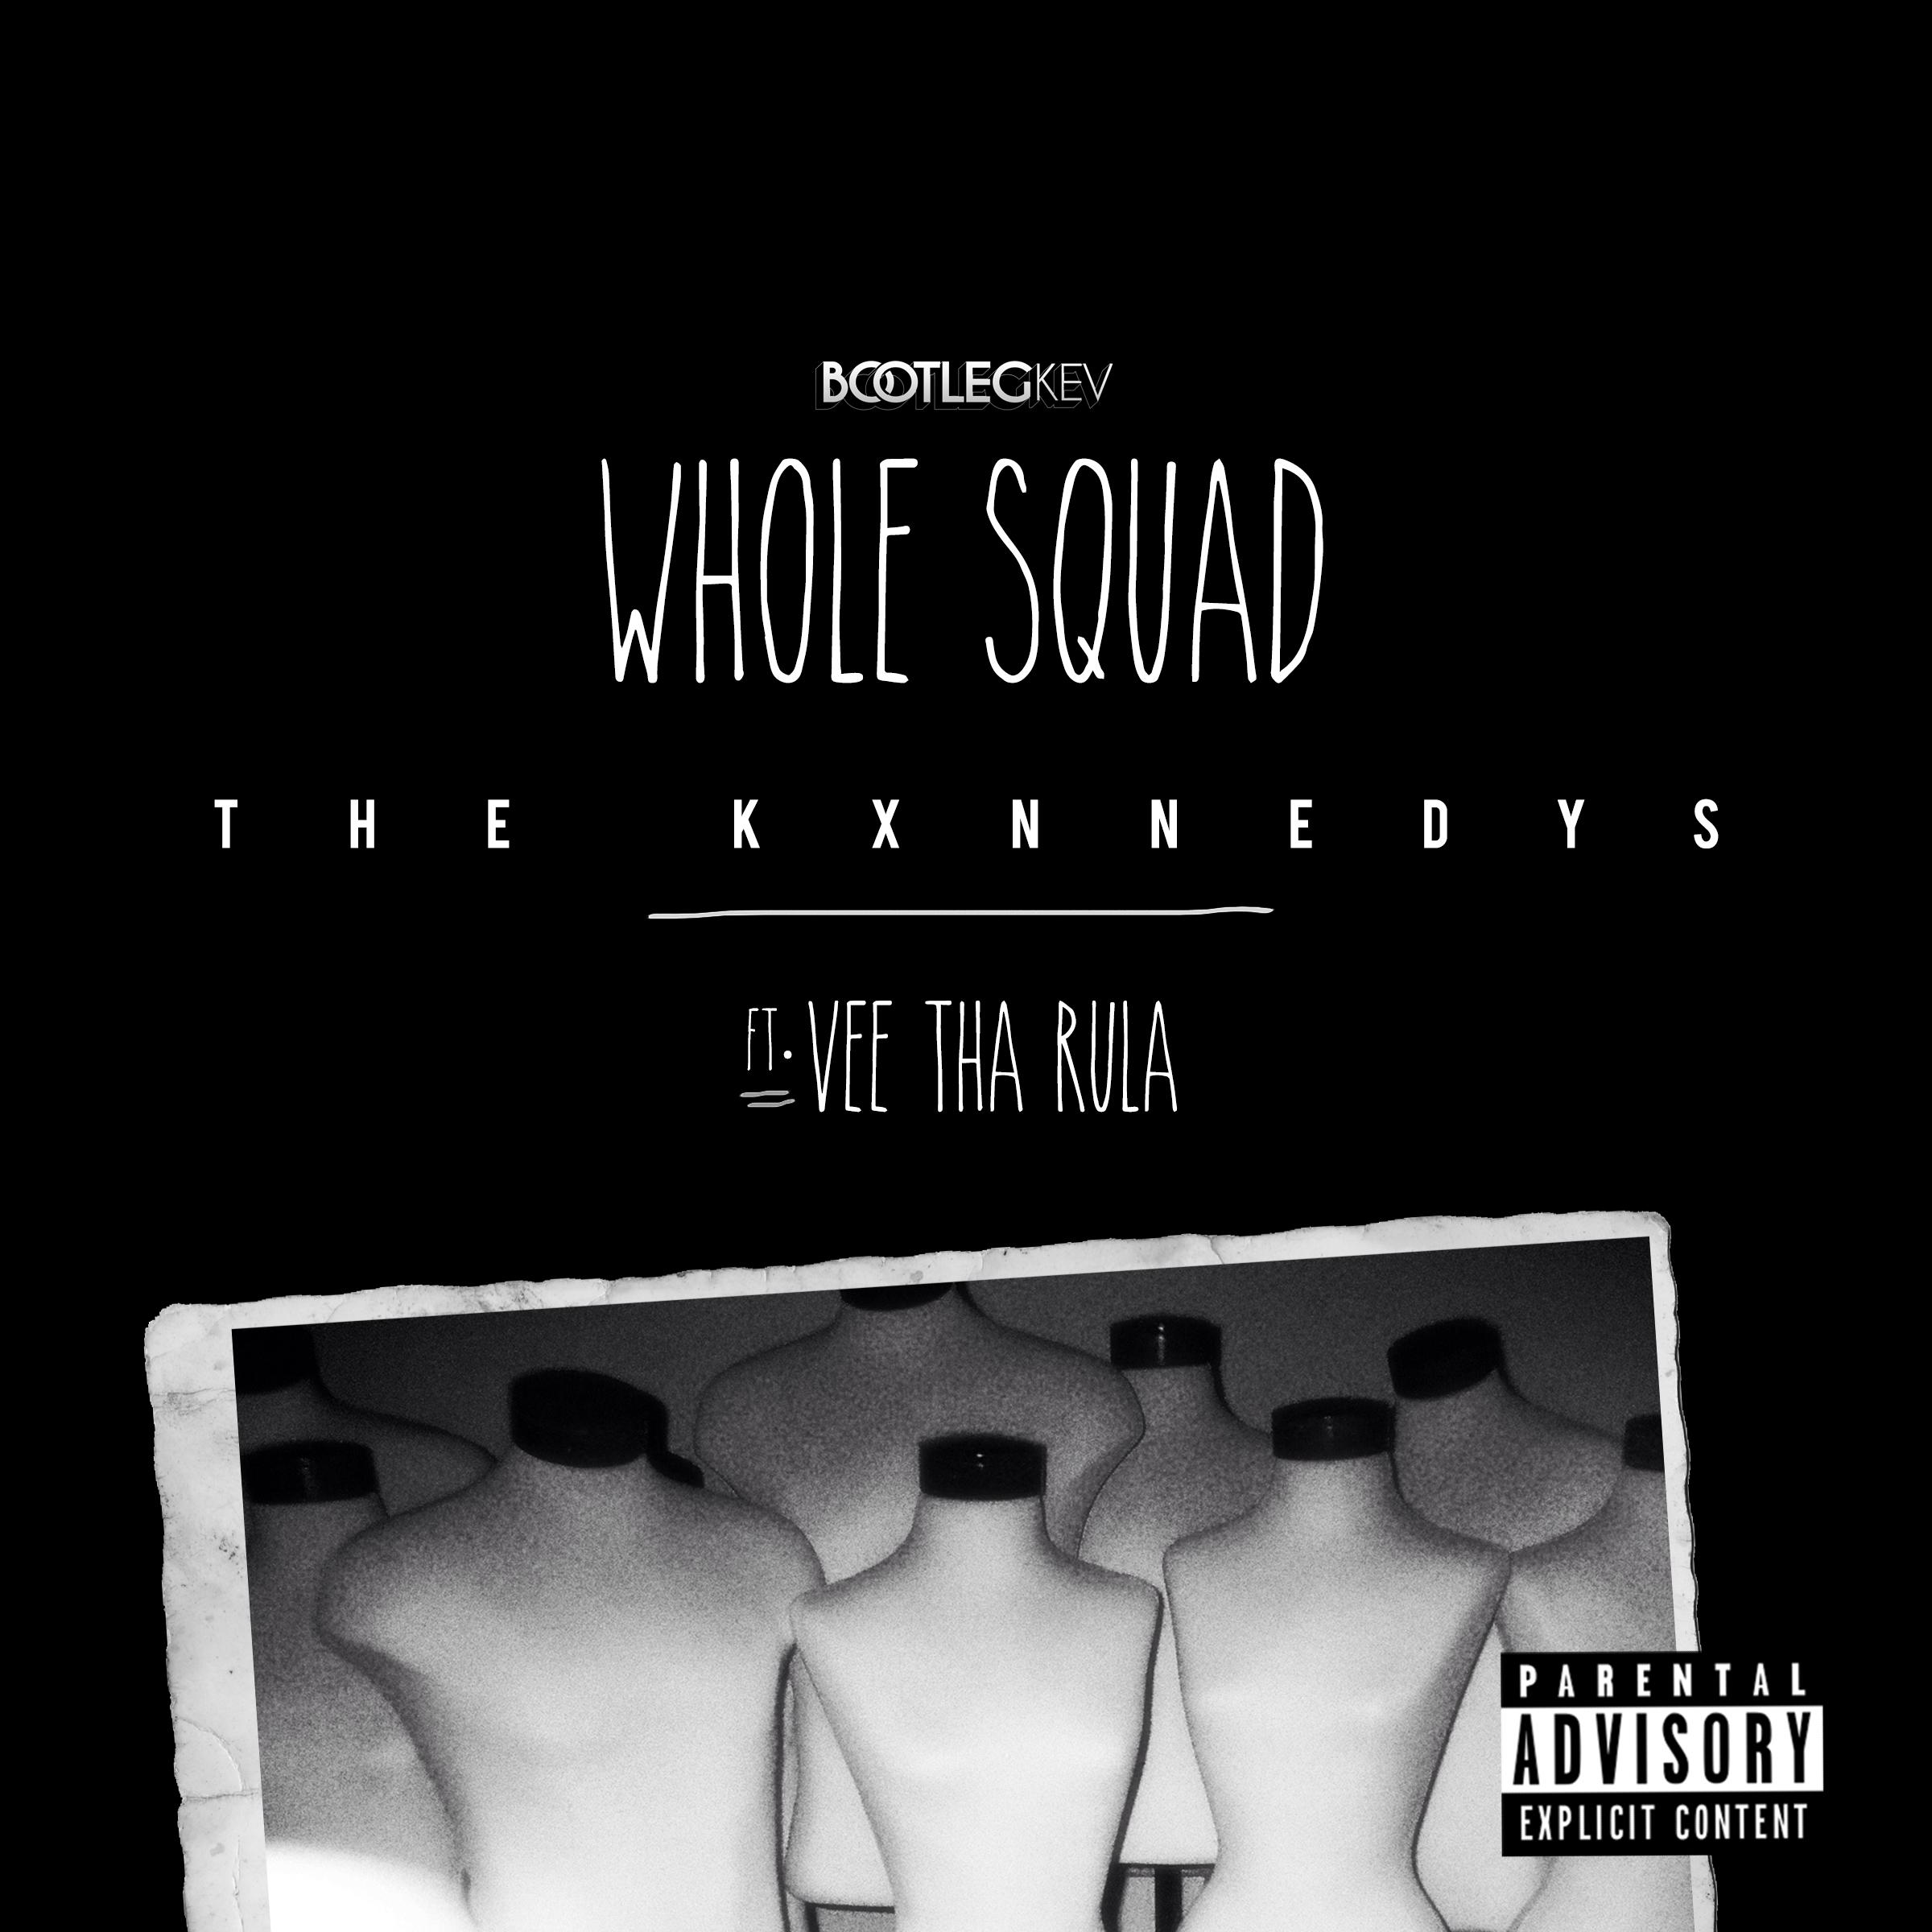 Whole-Squad-BK-1